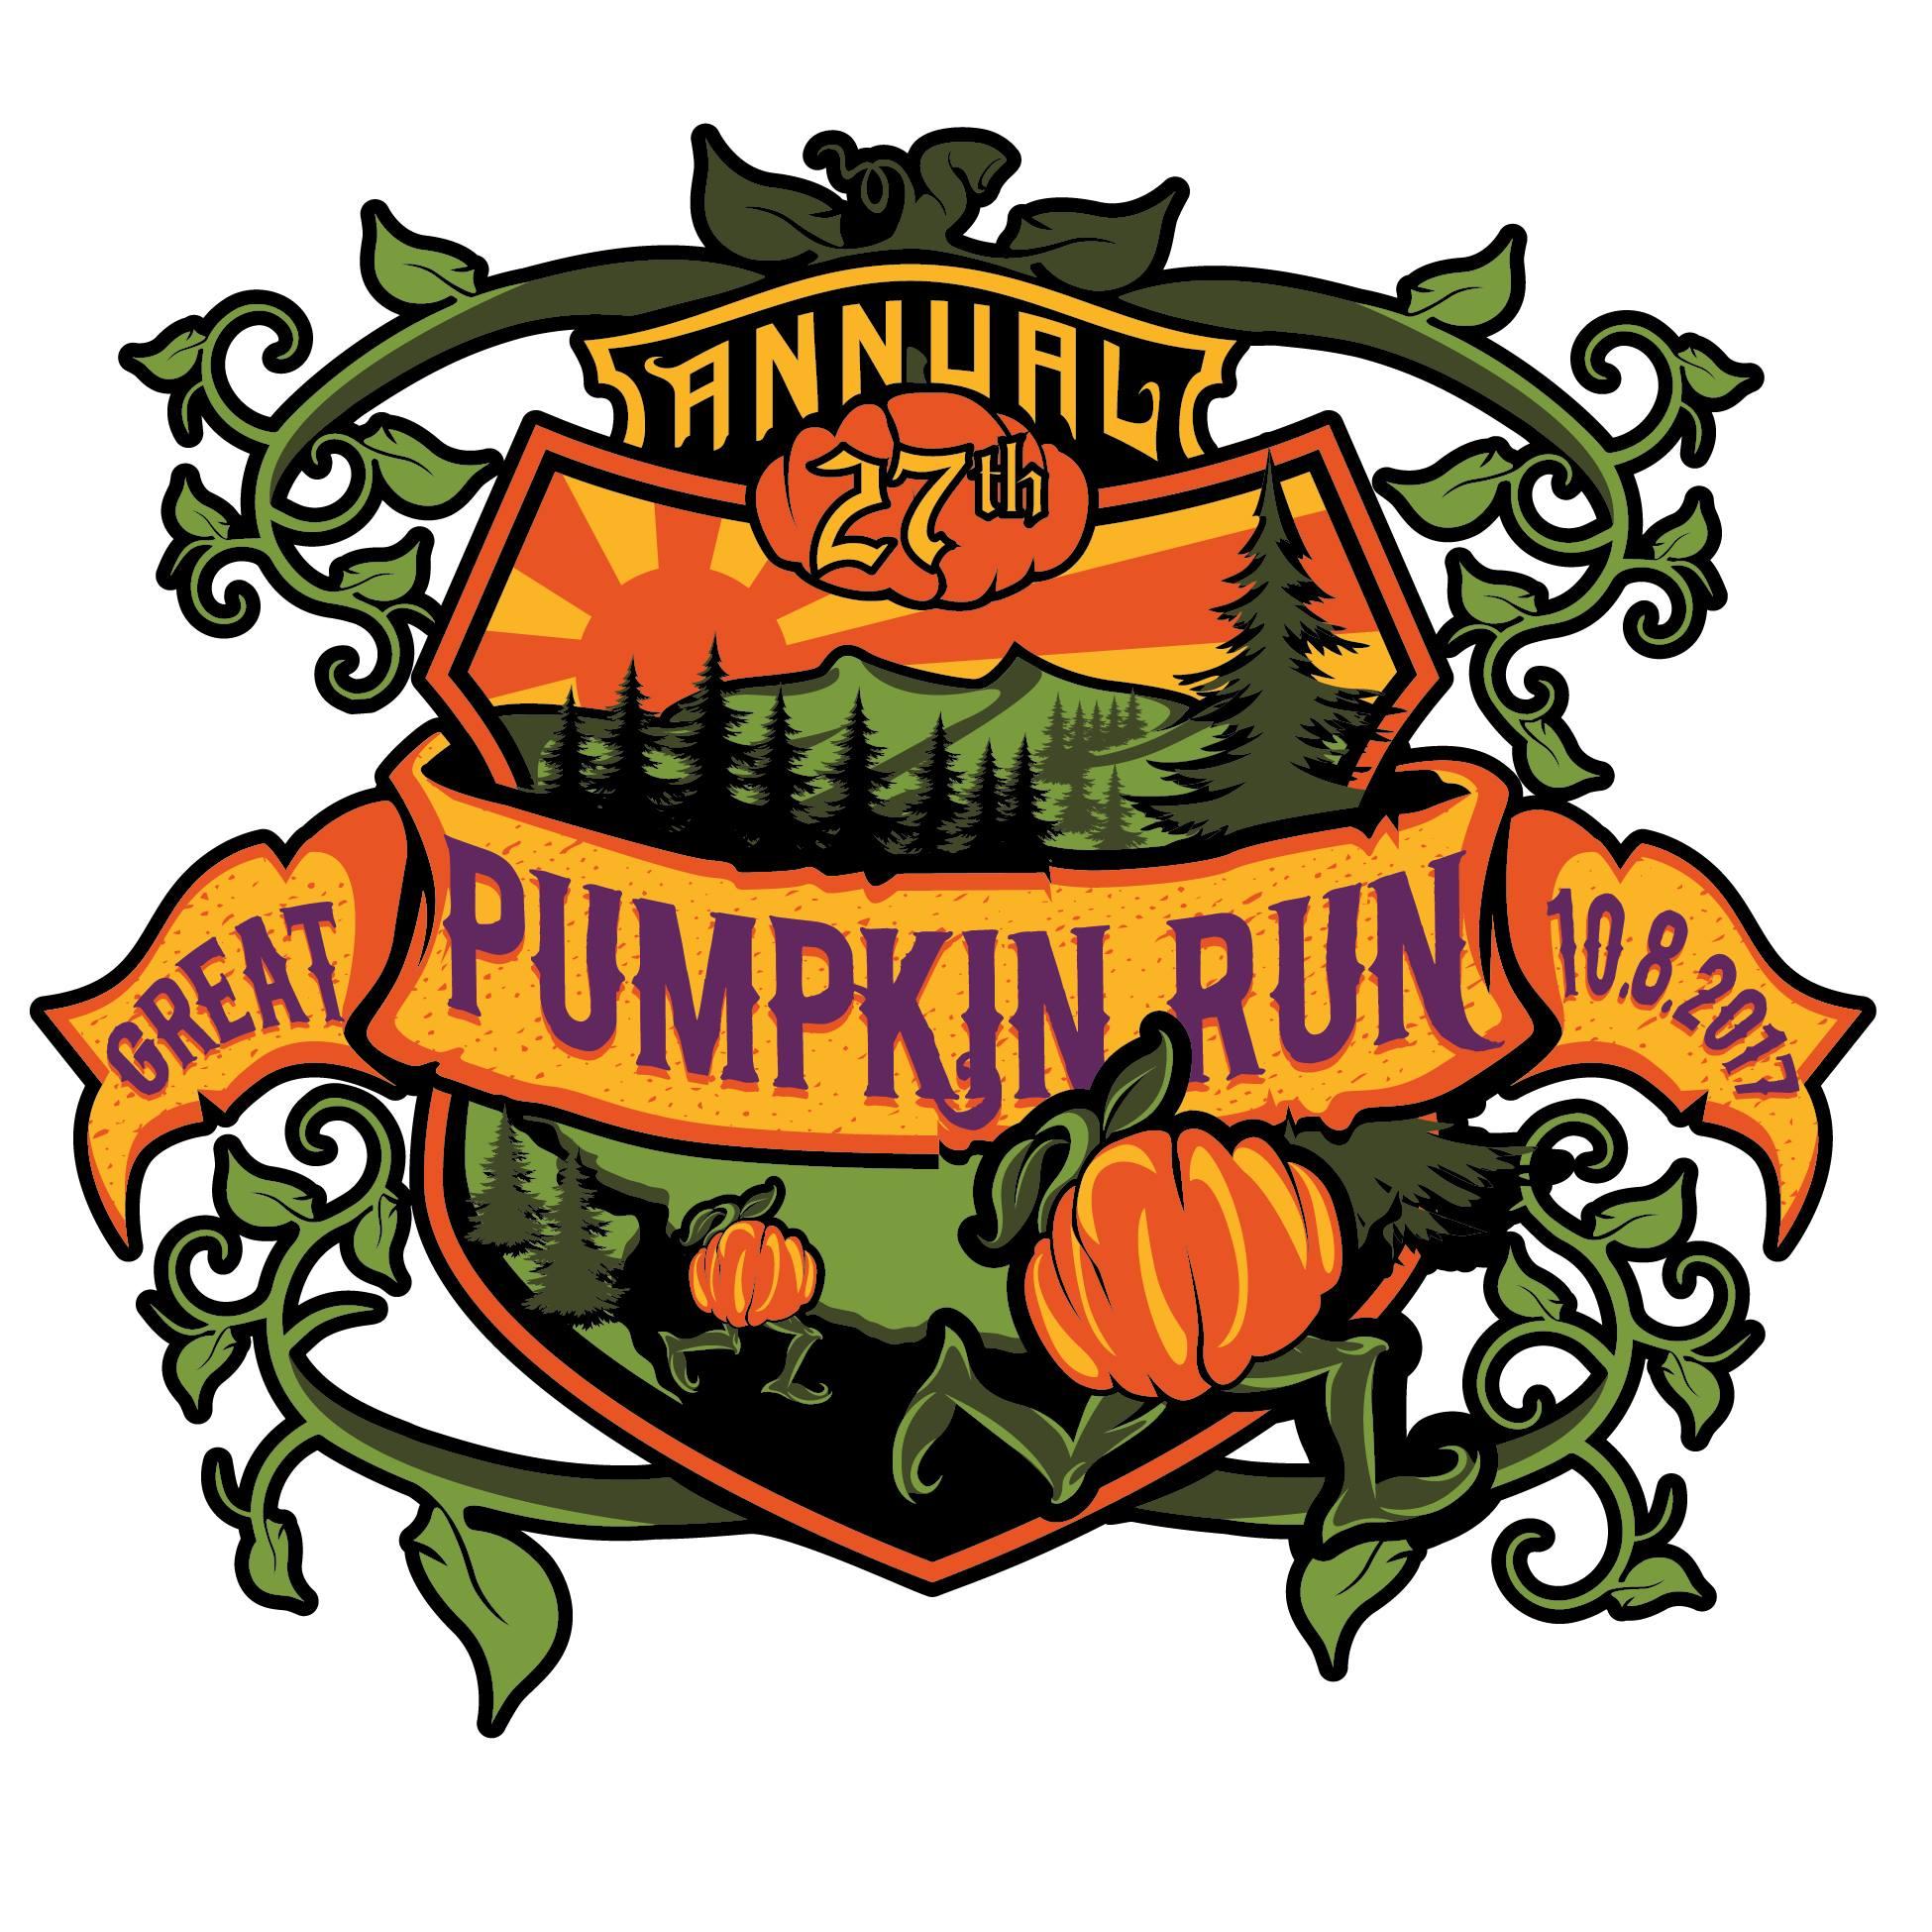 1950x1950 The Great Pumpkin Run Five Star Sports